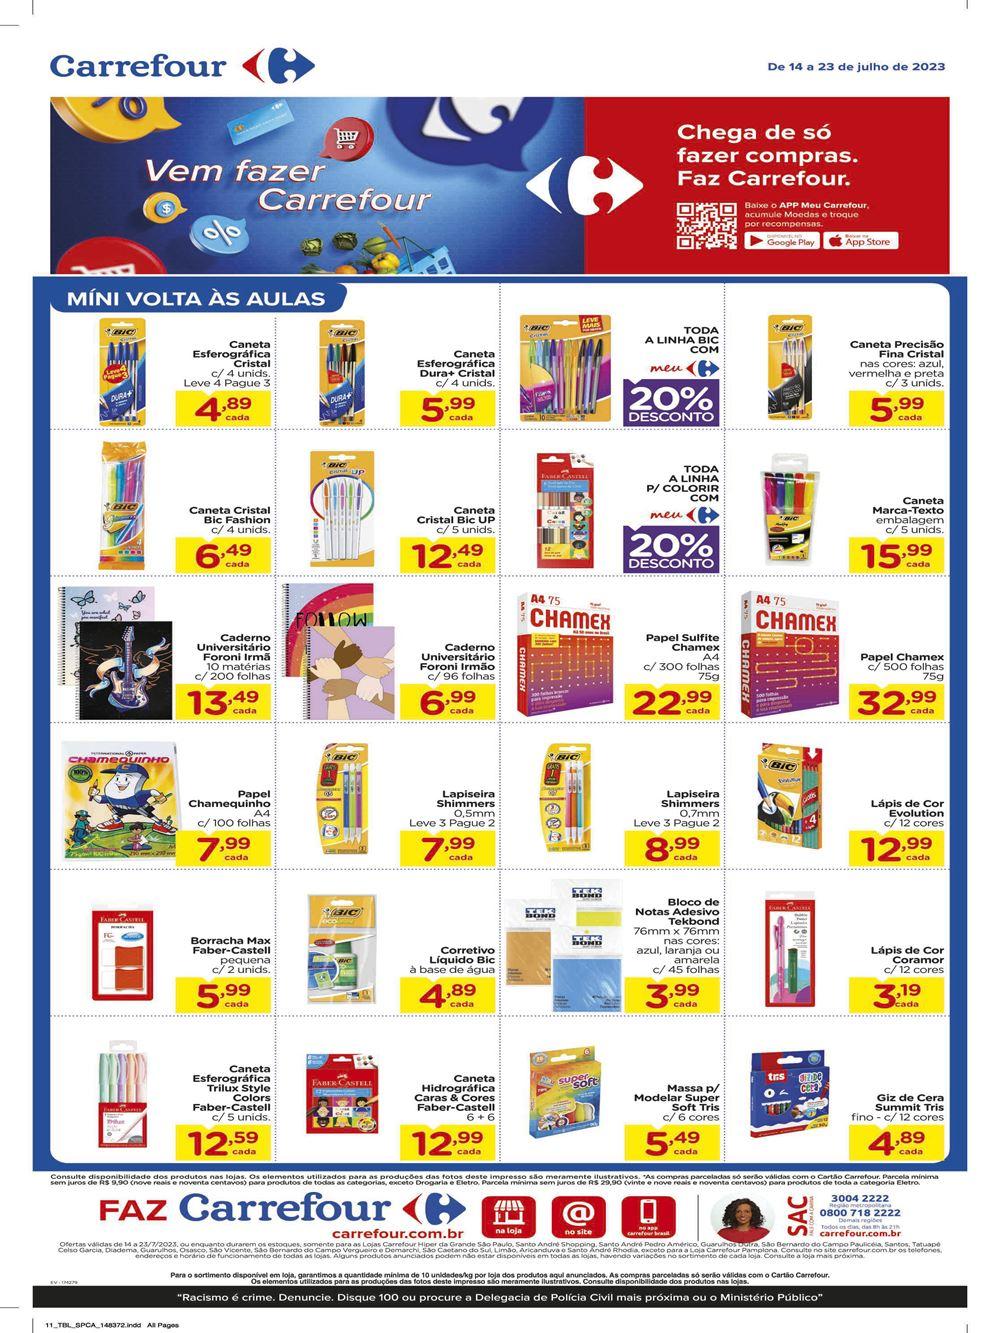 carrefour-ofertas-descontos-hoje11-12 Carrefour até 19/05